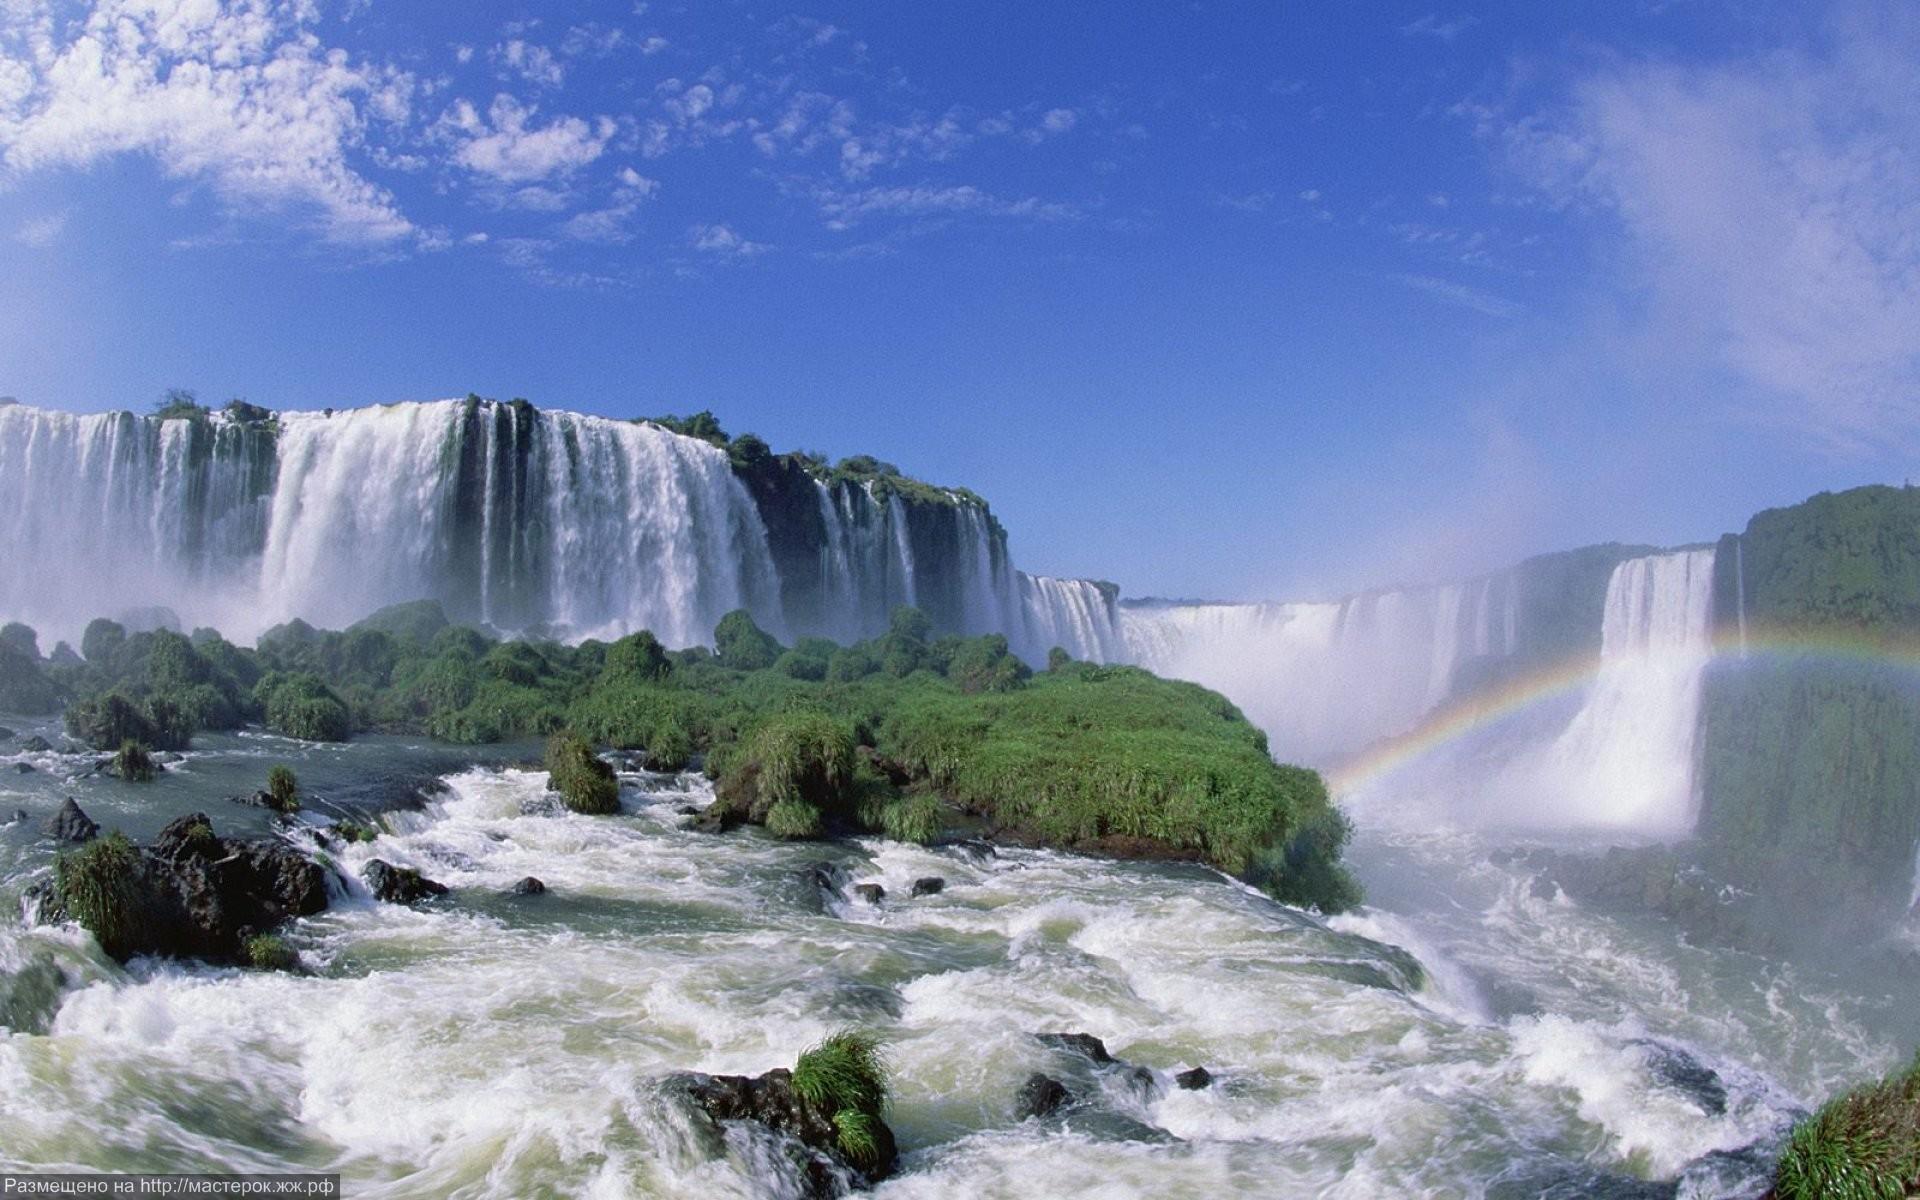 Вместе образуя один большой водопад